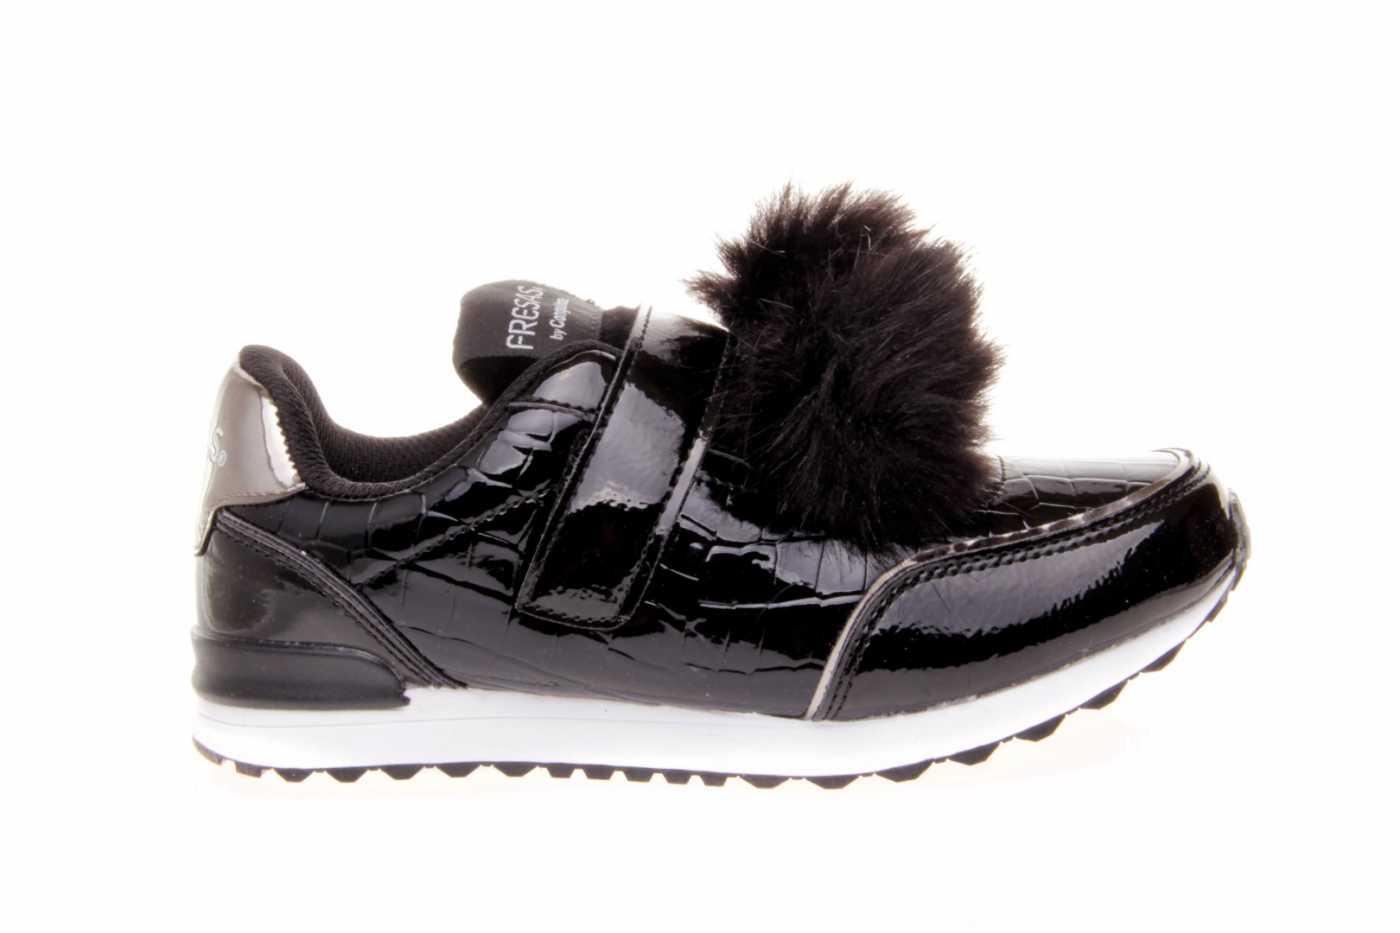 f71c5aeccde Niña Joven Tipo Sneakers Comprar Estilo Color Charol Zapato Negro wRqORXnt5